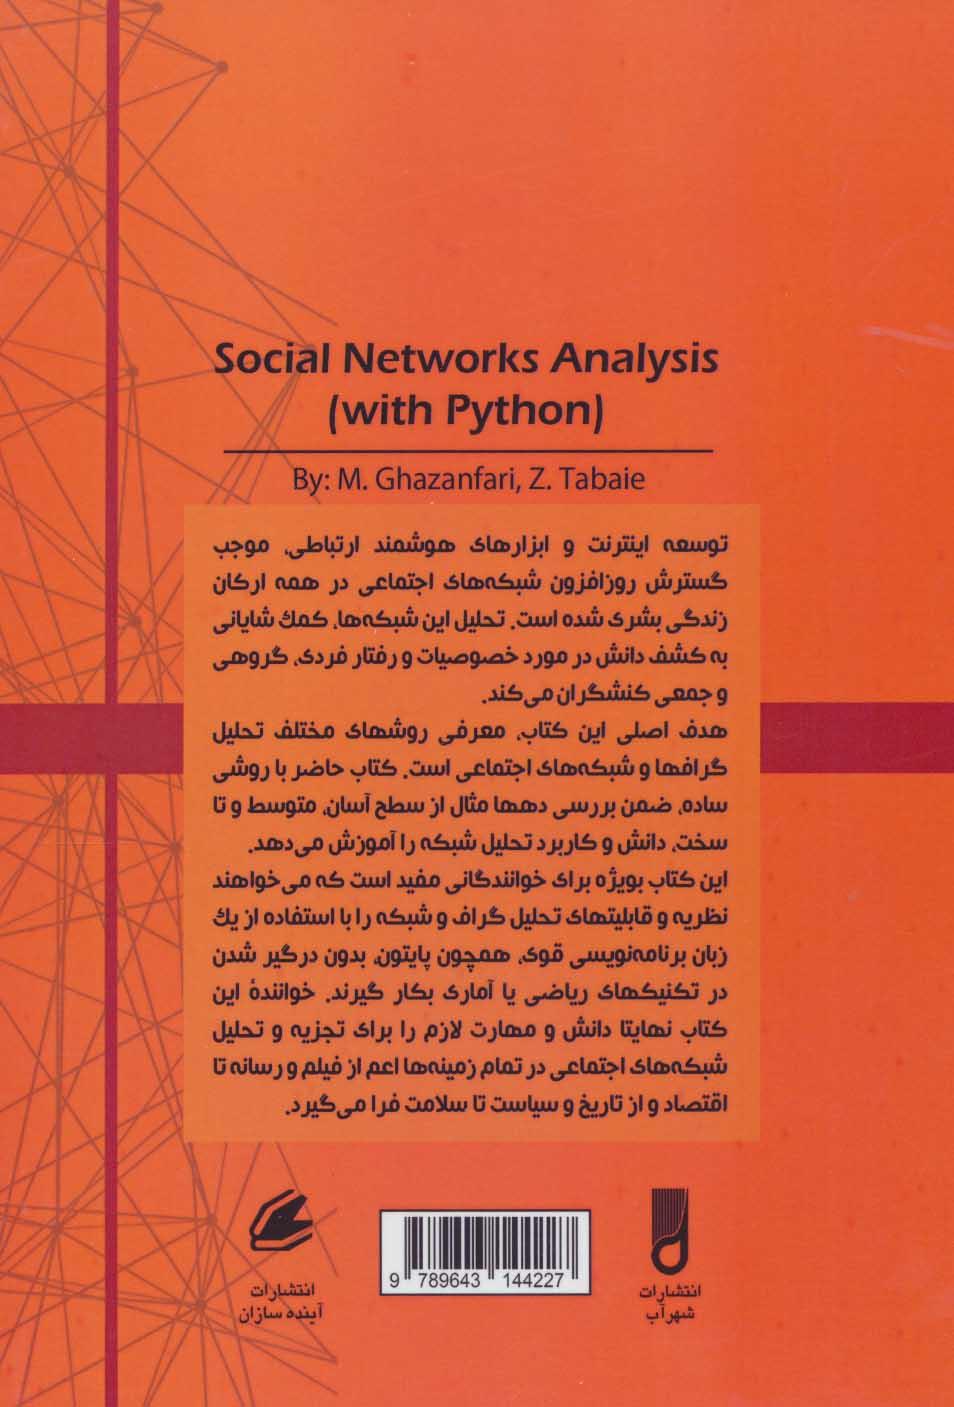 تحلیل شبکه های اجتماعی (با بکارگیری پایتون)